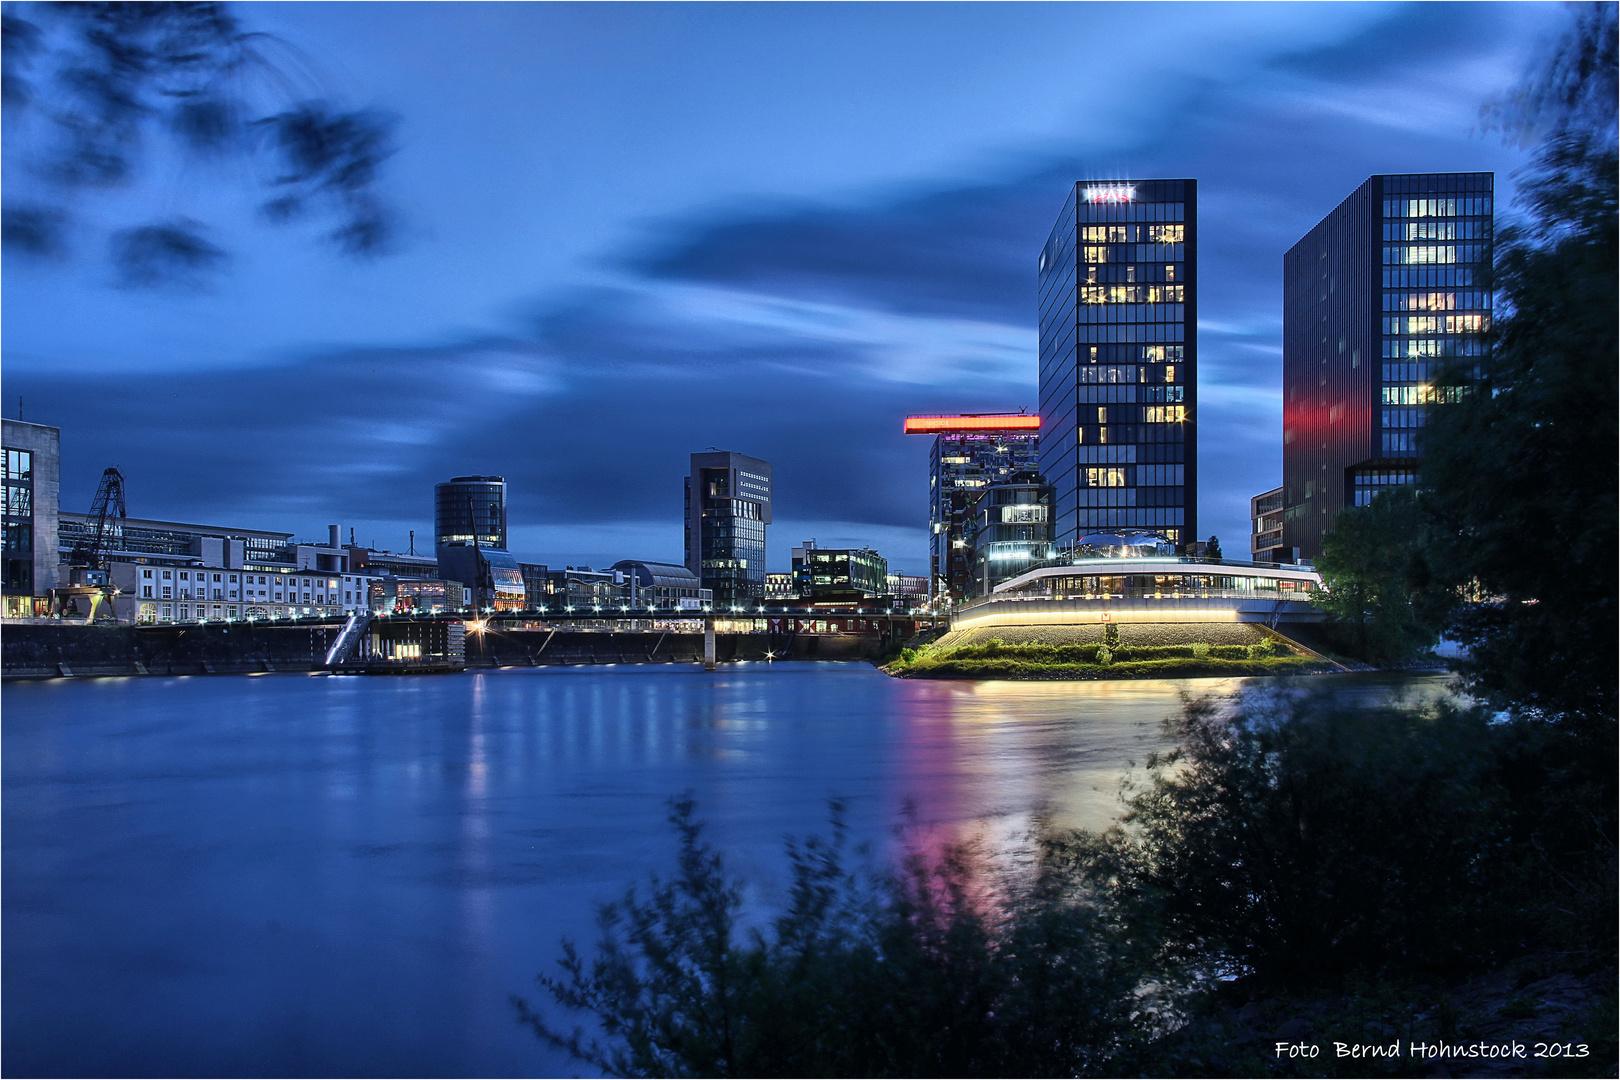 Medienhafen der Landeshauptstadt von NRW ....